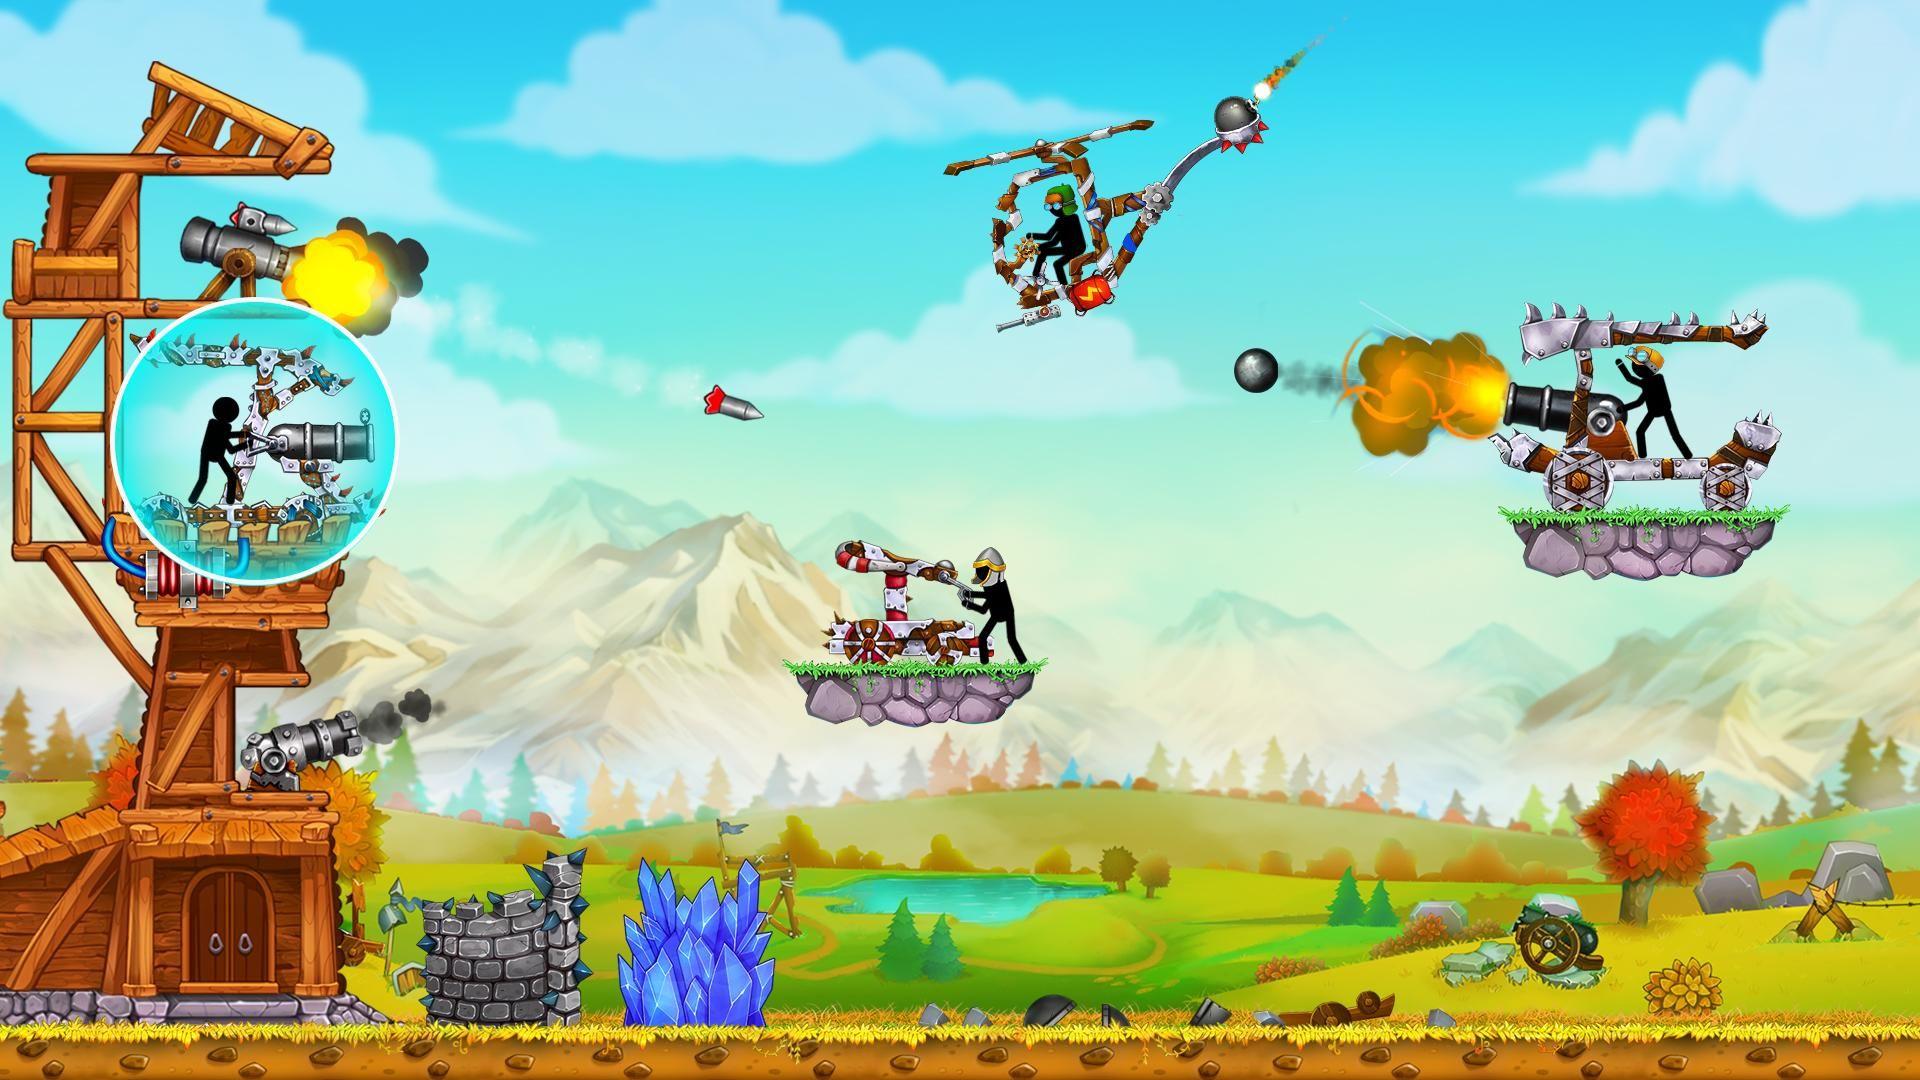 火柴人之守卫城堡2 (The Catapult 2) 游戏截图4